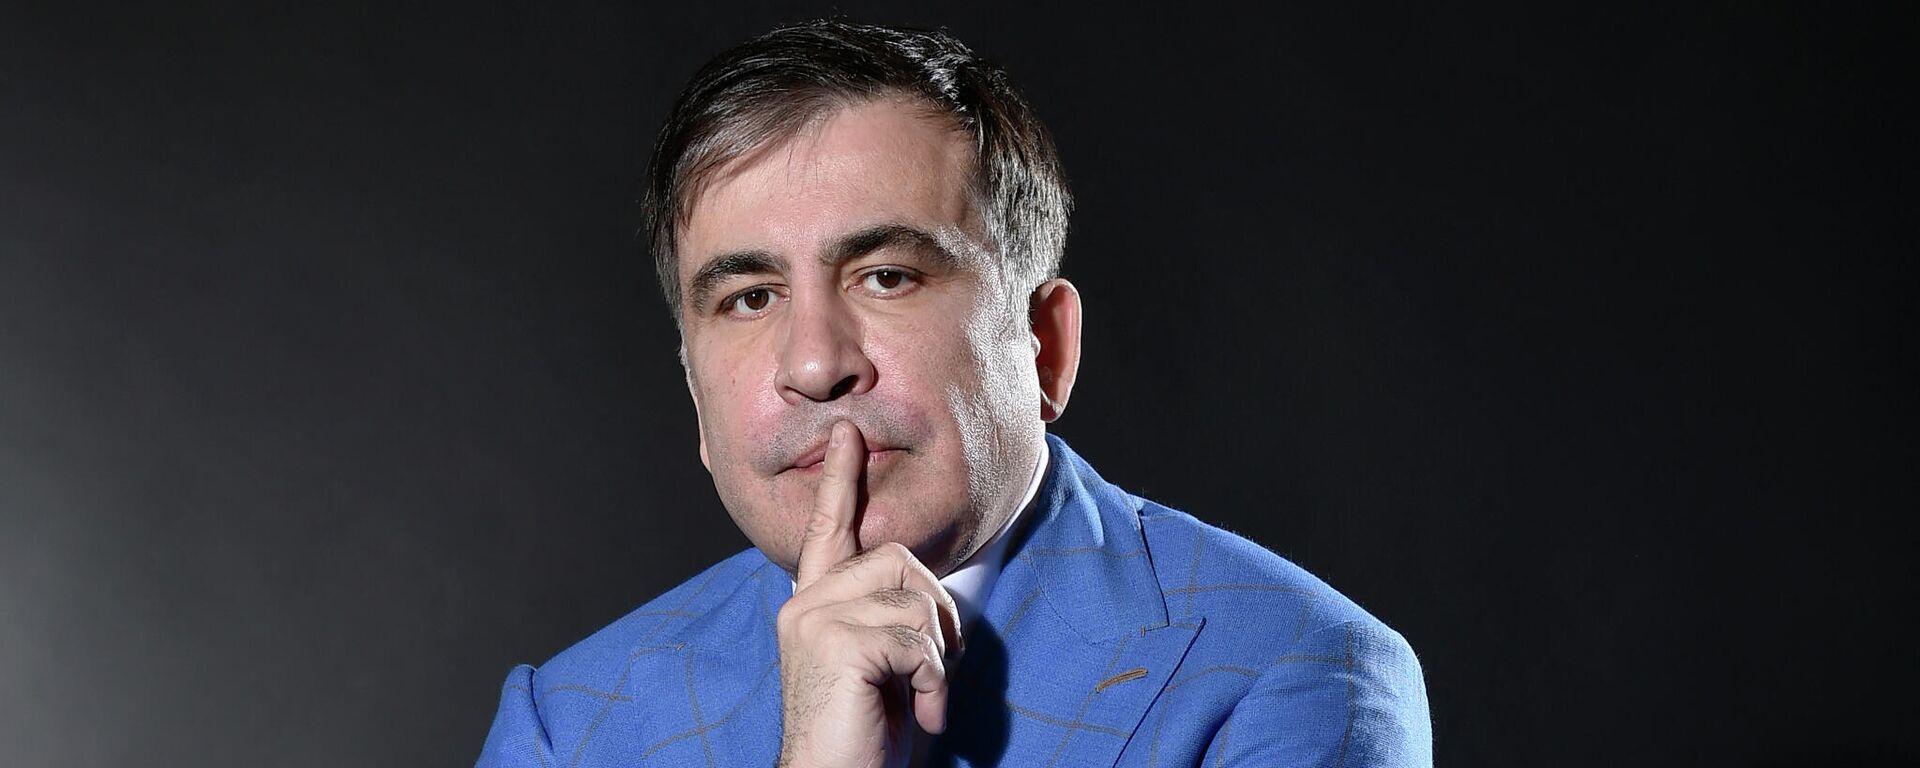 Михаил Саакашвили - Sputnik Грузия, 1920, 07.10.2021